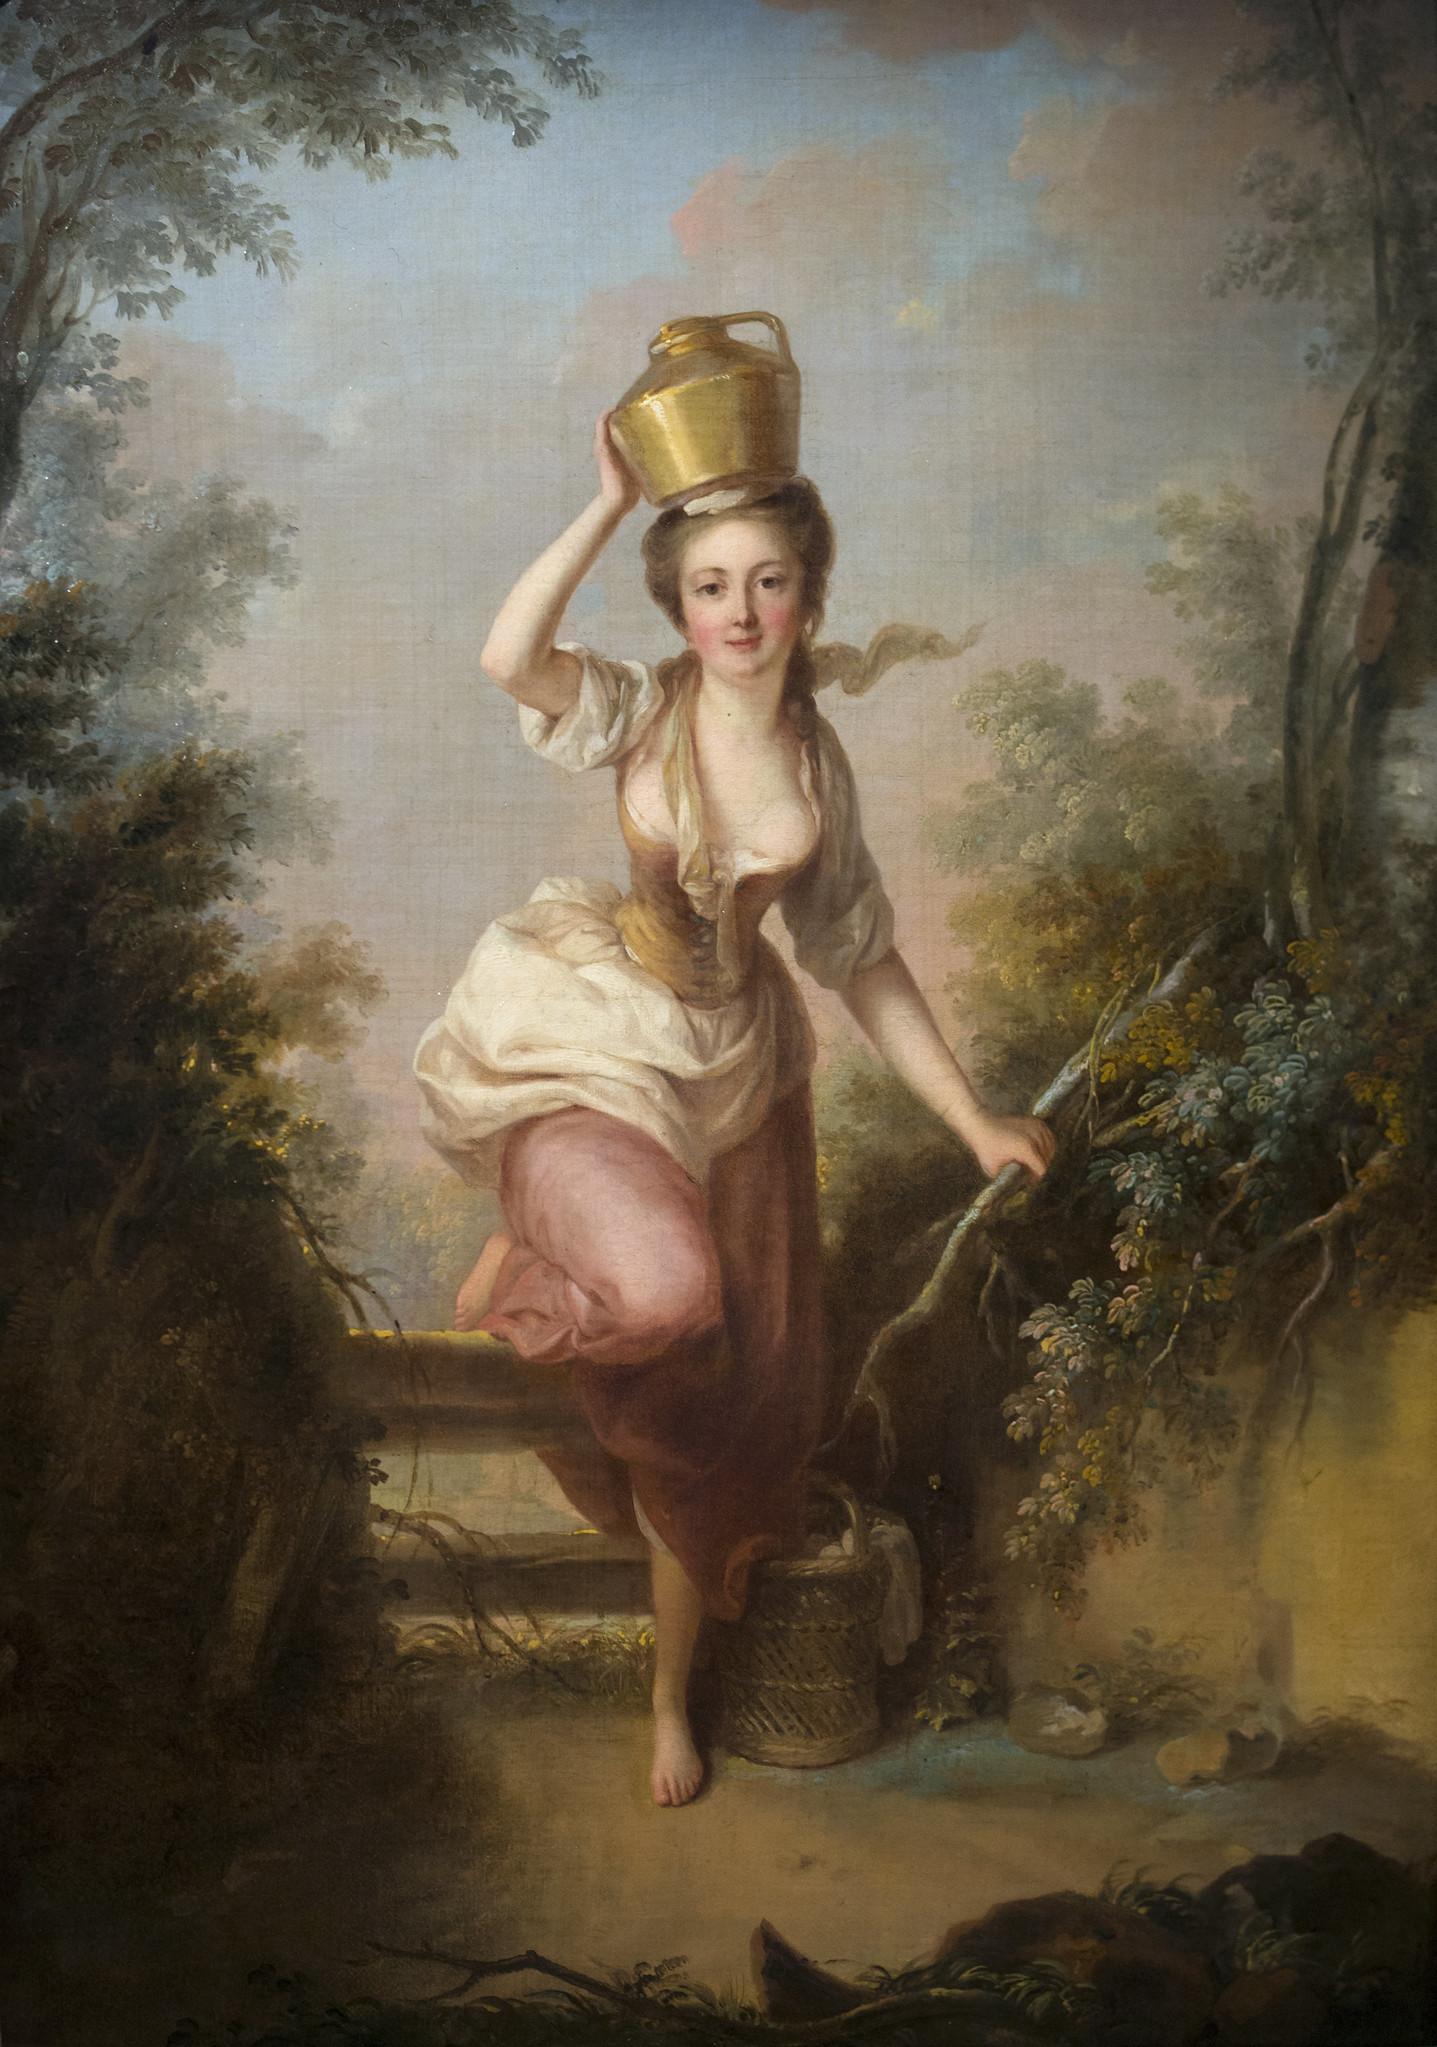 巴黎洛可可画家Jean-Baptiste Huet 1769年的画作《La Laitière (The Milkmaid)》。(Musée Cognacq-Jay /Flickr)